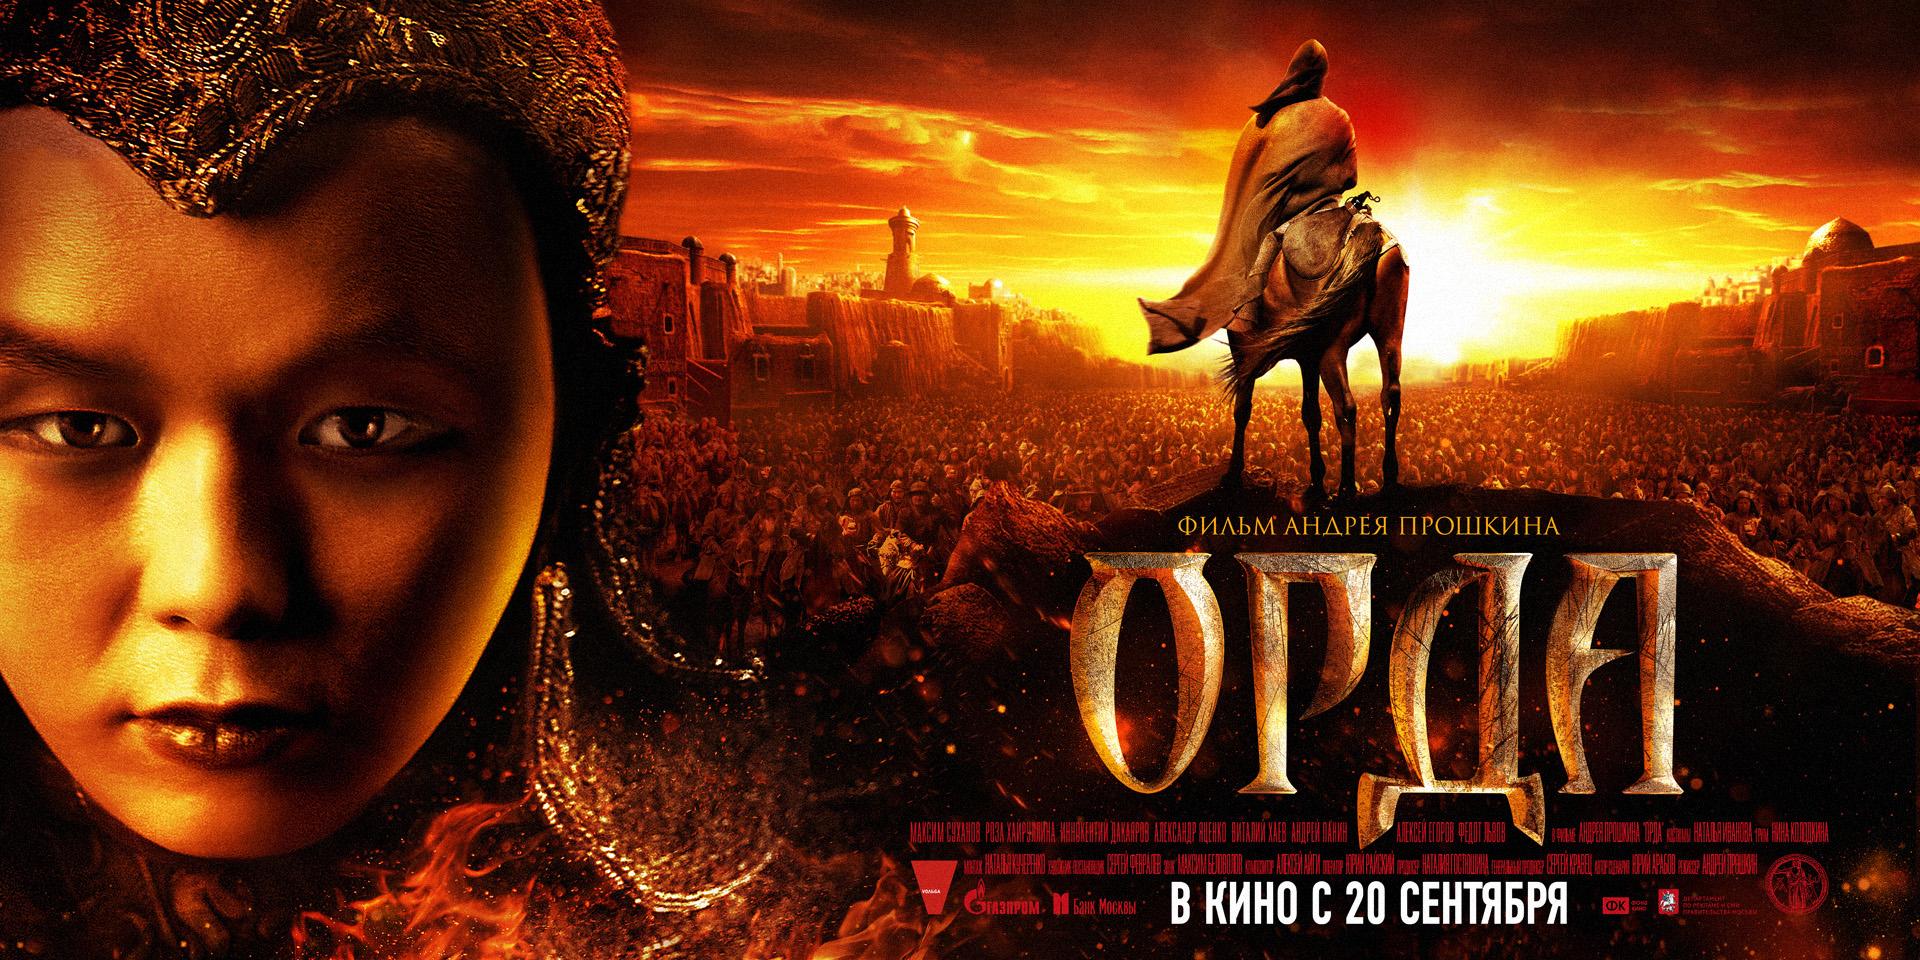 «Фильмы Про Китобойцев» — 2002